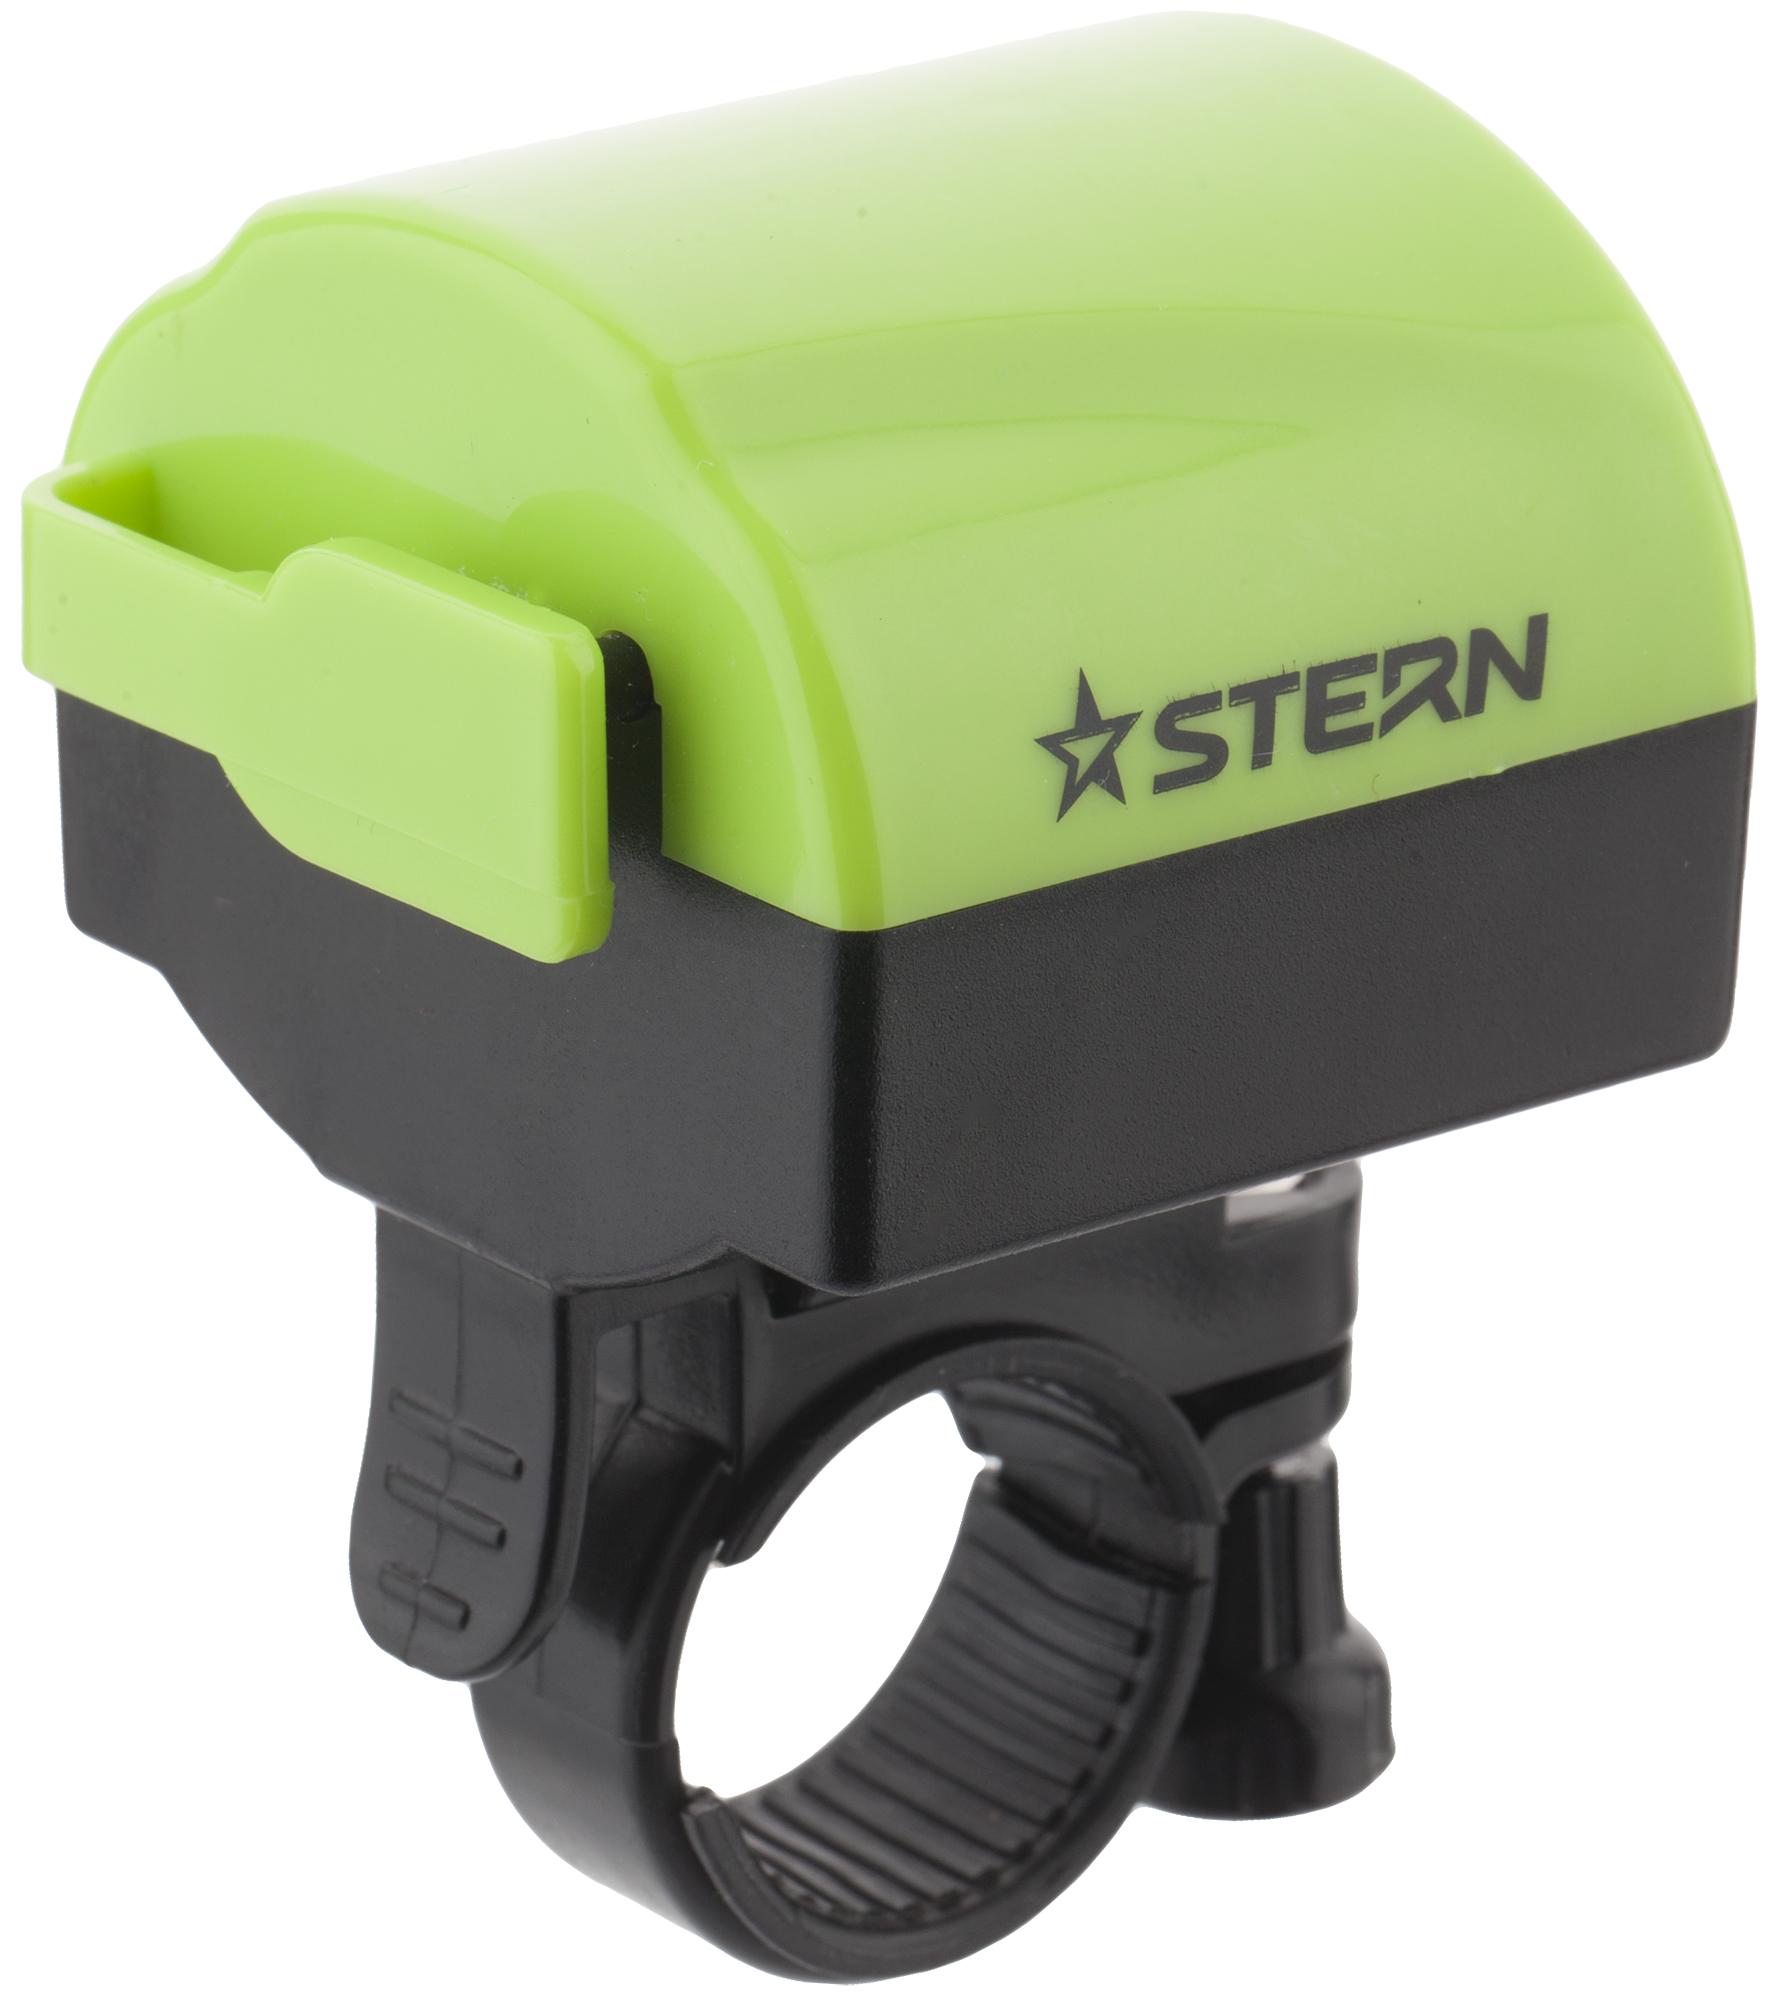 Stern Звонок велосипедный Stern stern корзина велосипедная детская stern